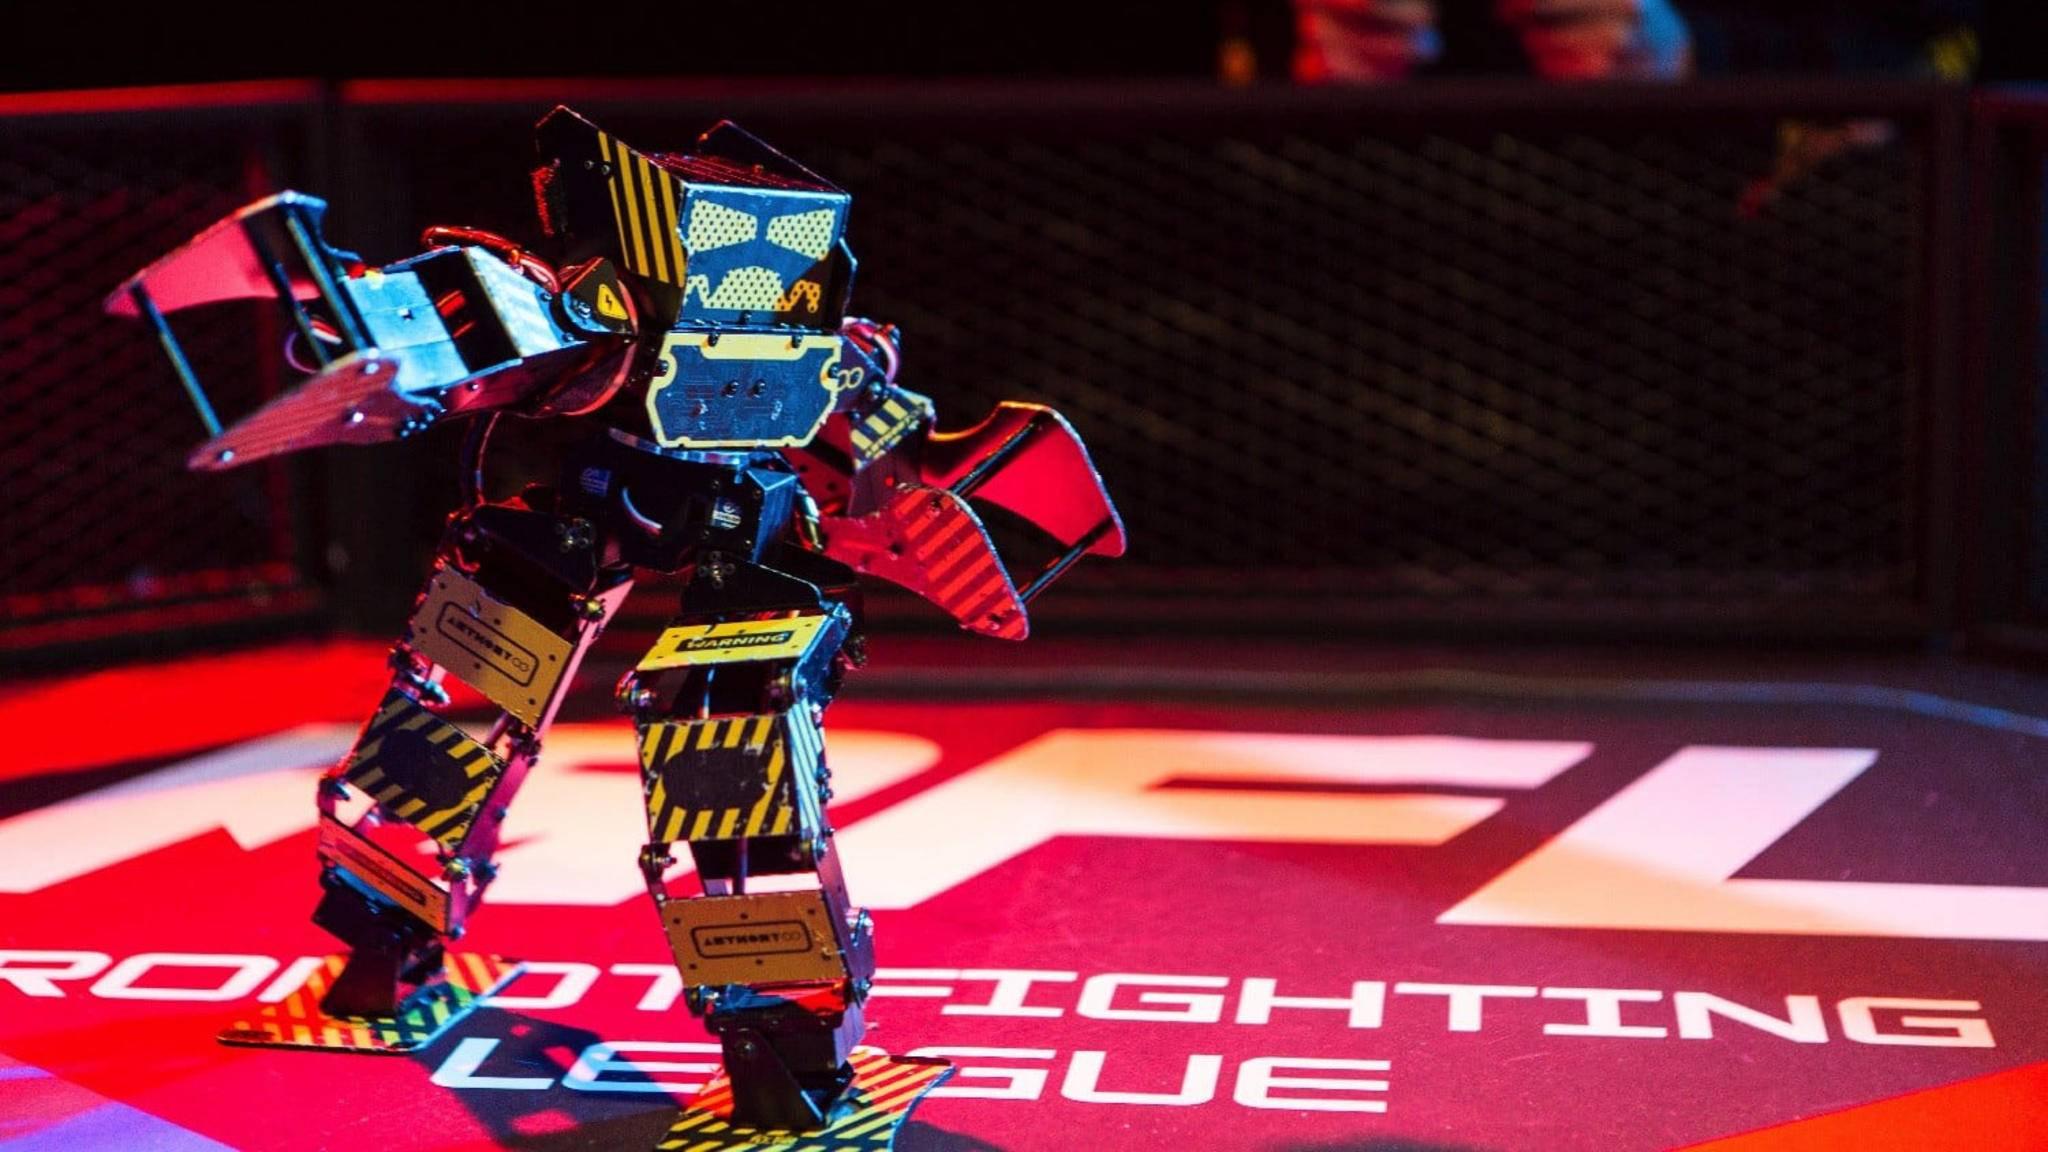 Super Anthony ist ein kleiner Kampfroboter für Arena-Kämpfe.